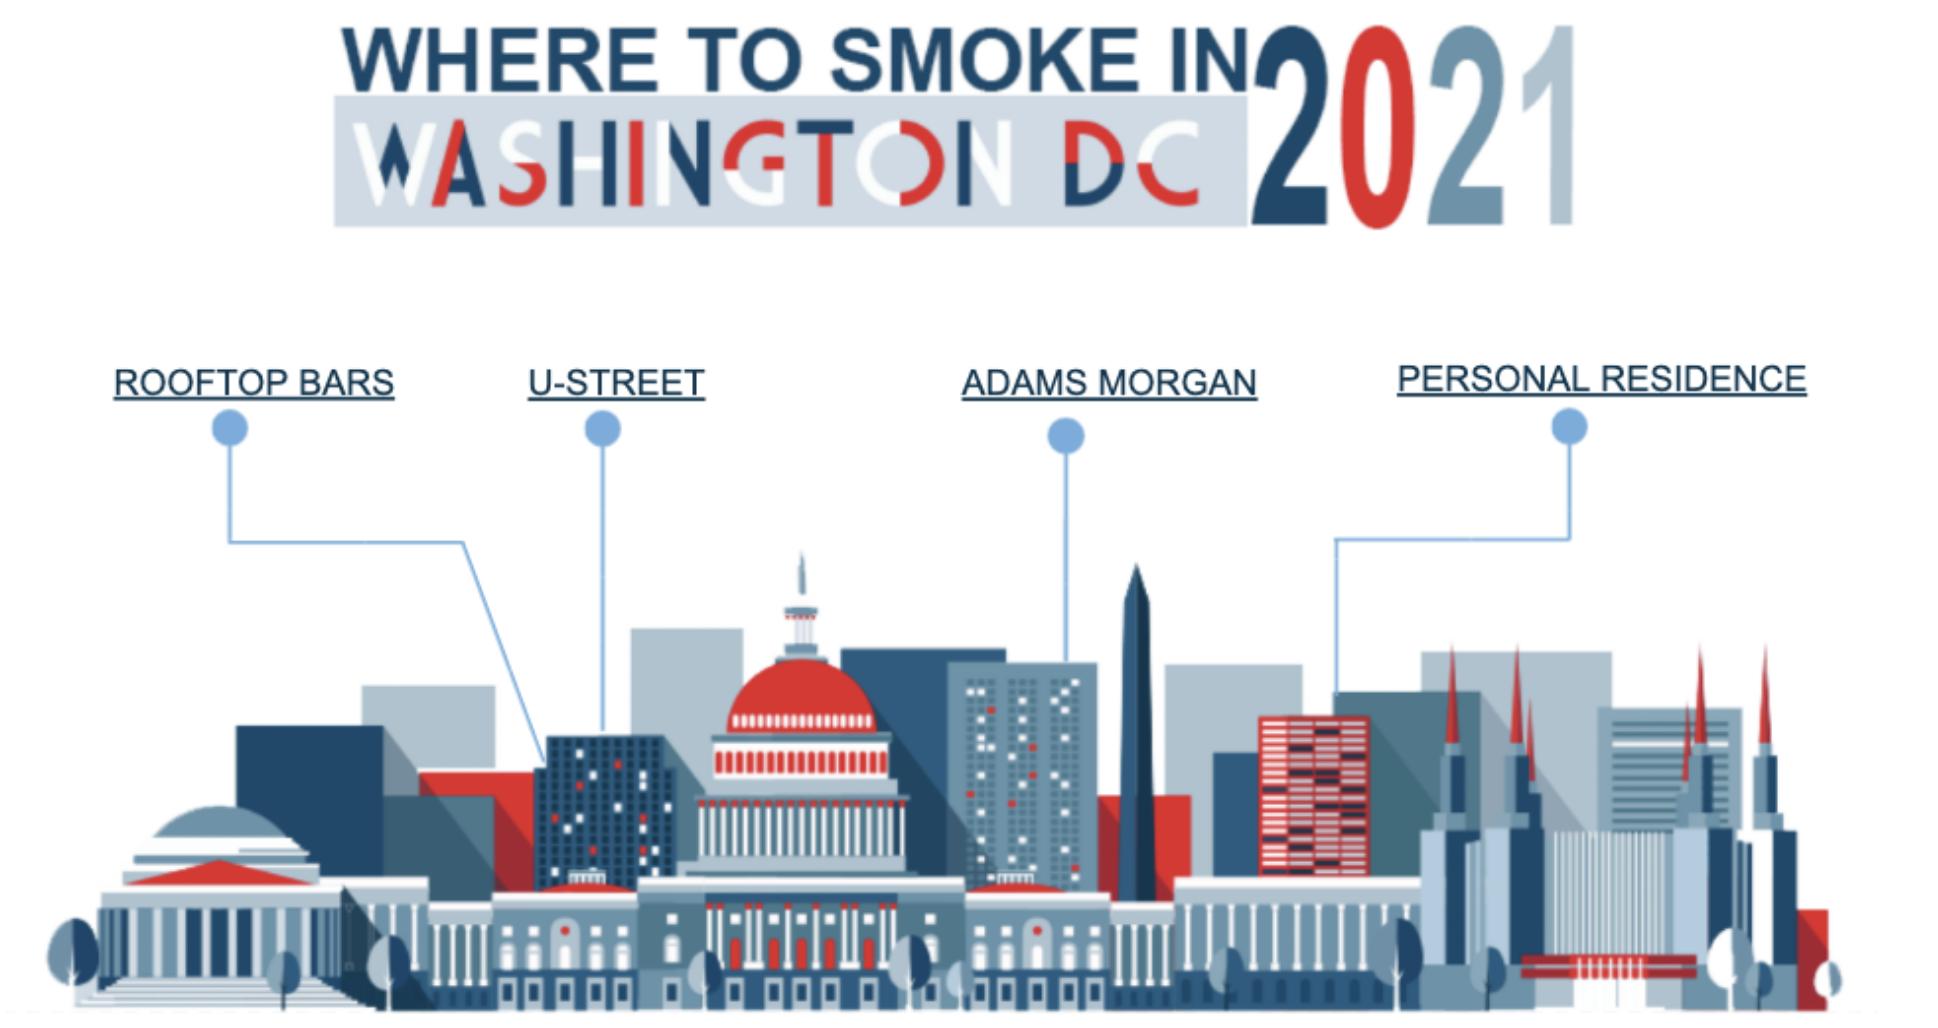 Where to smoke in Washington DC 2021